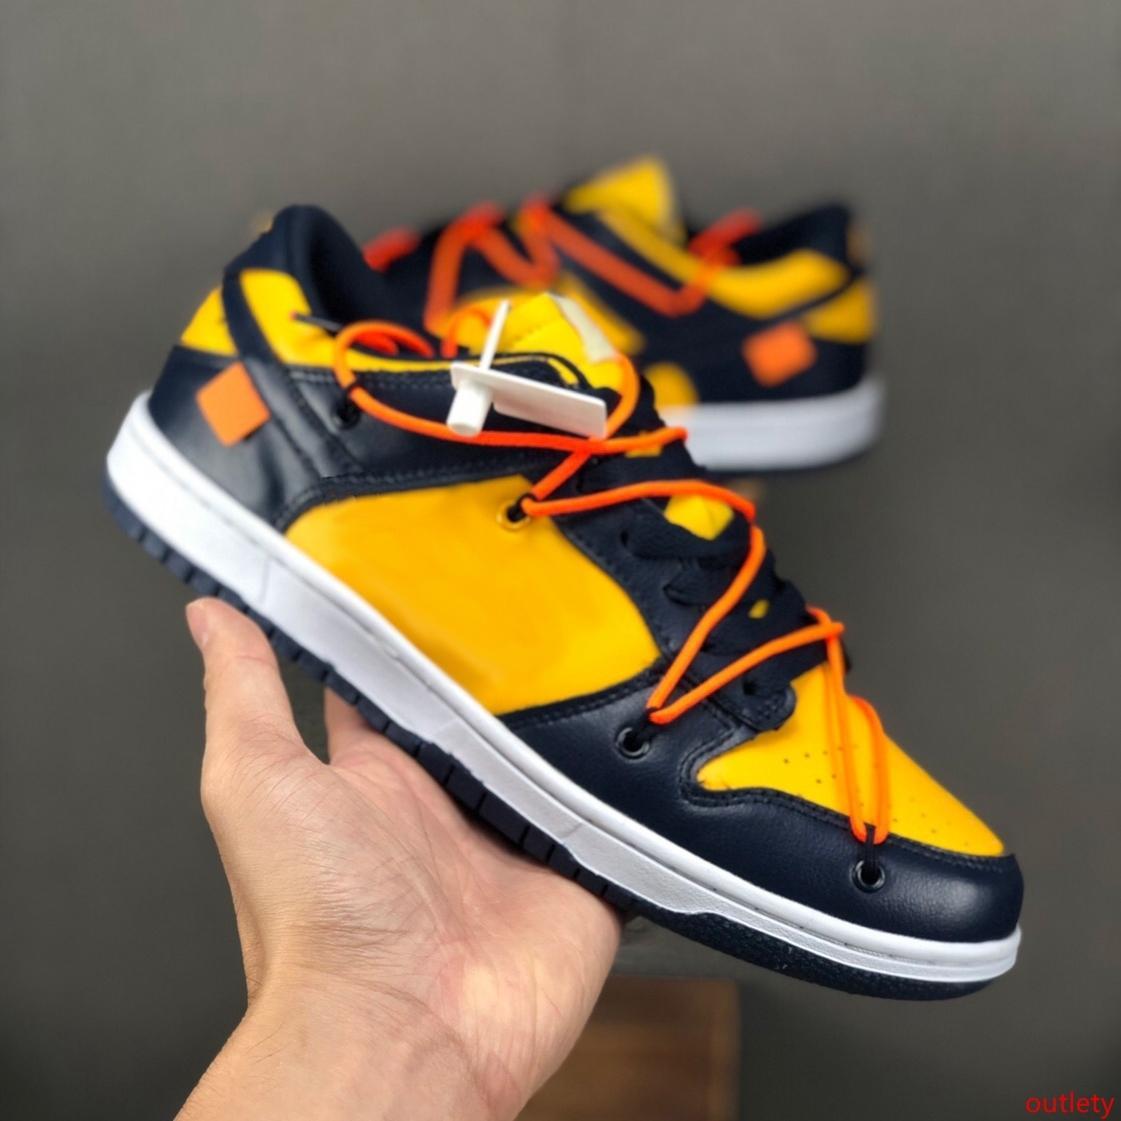 Nuevo Color Futura x SB Dunk Low diseñador de los zapatos corrientes del deporte del Mens Sneaker 1s Negro monopatín amarillo naranja Hombres Zapatos des chaussures Zapatos